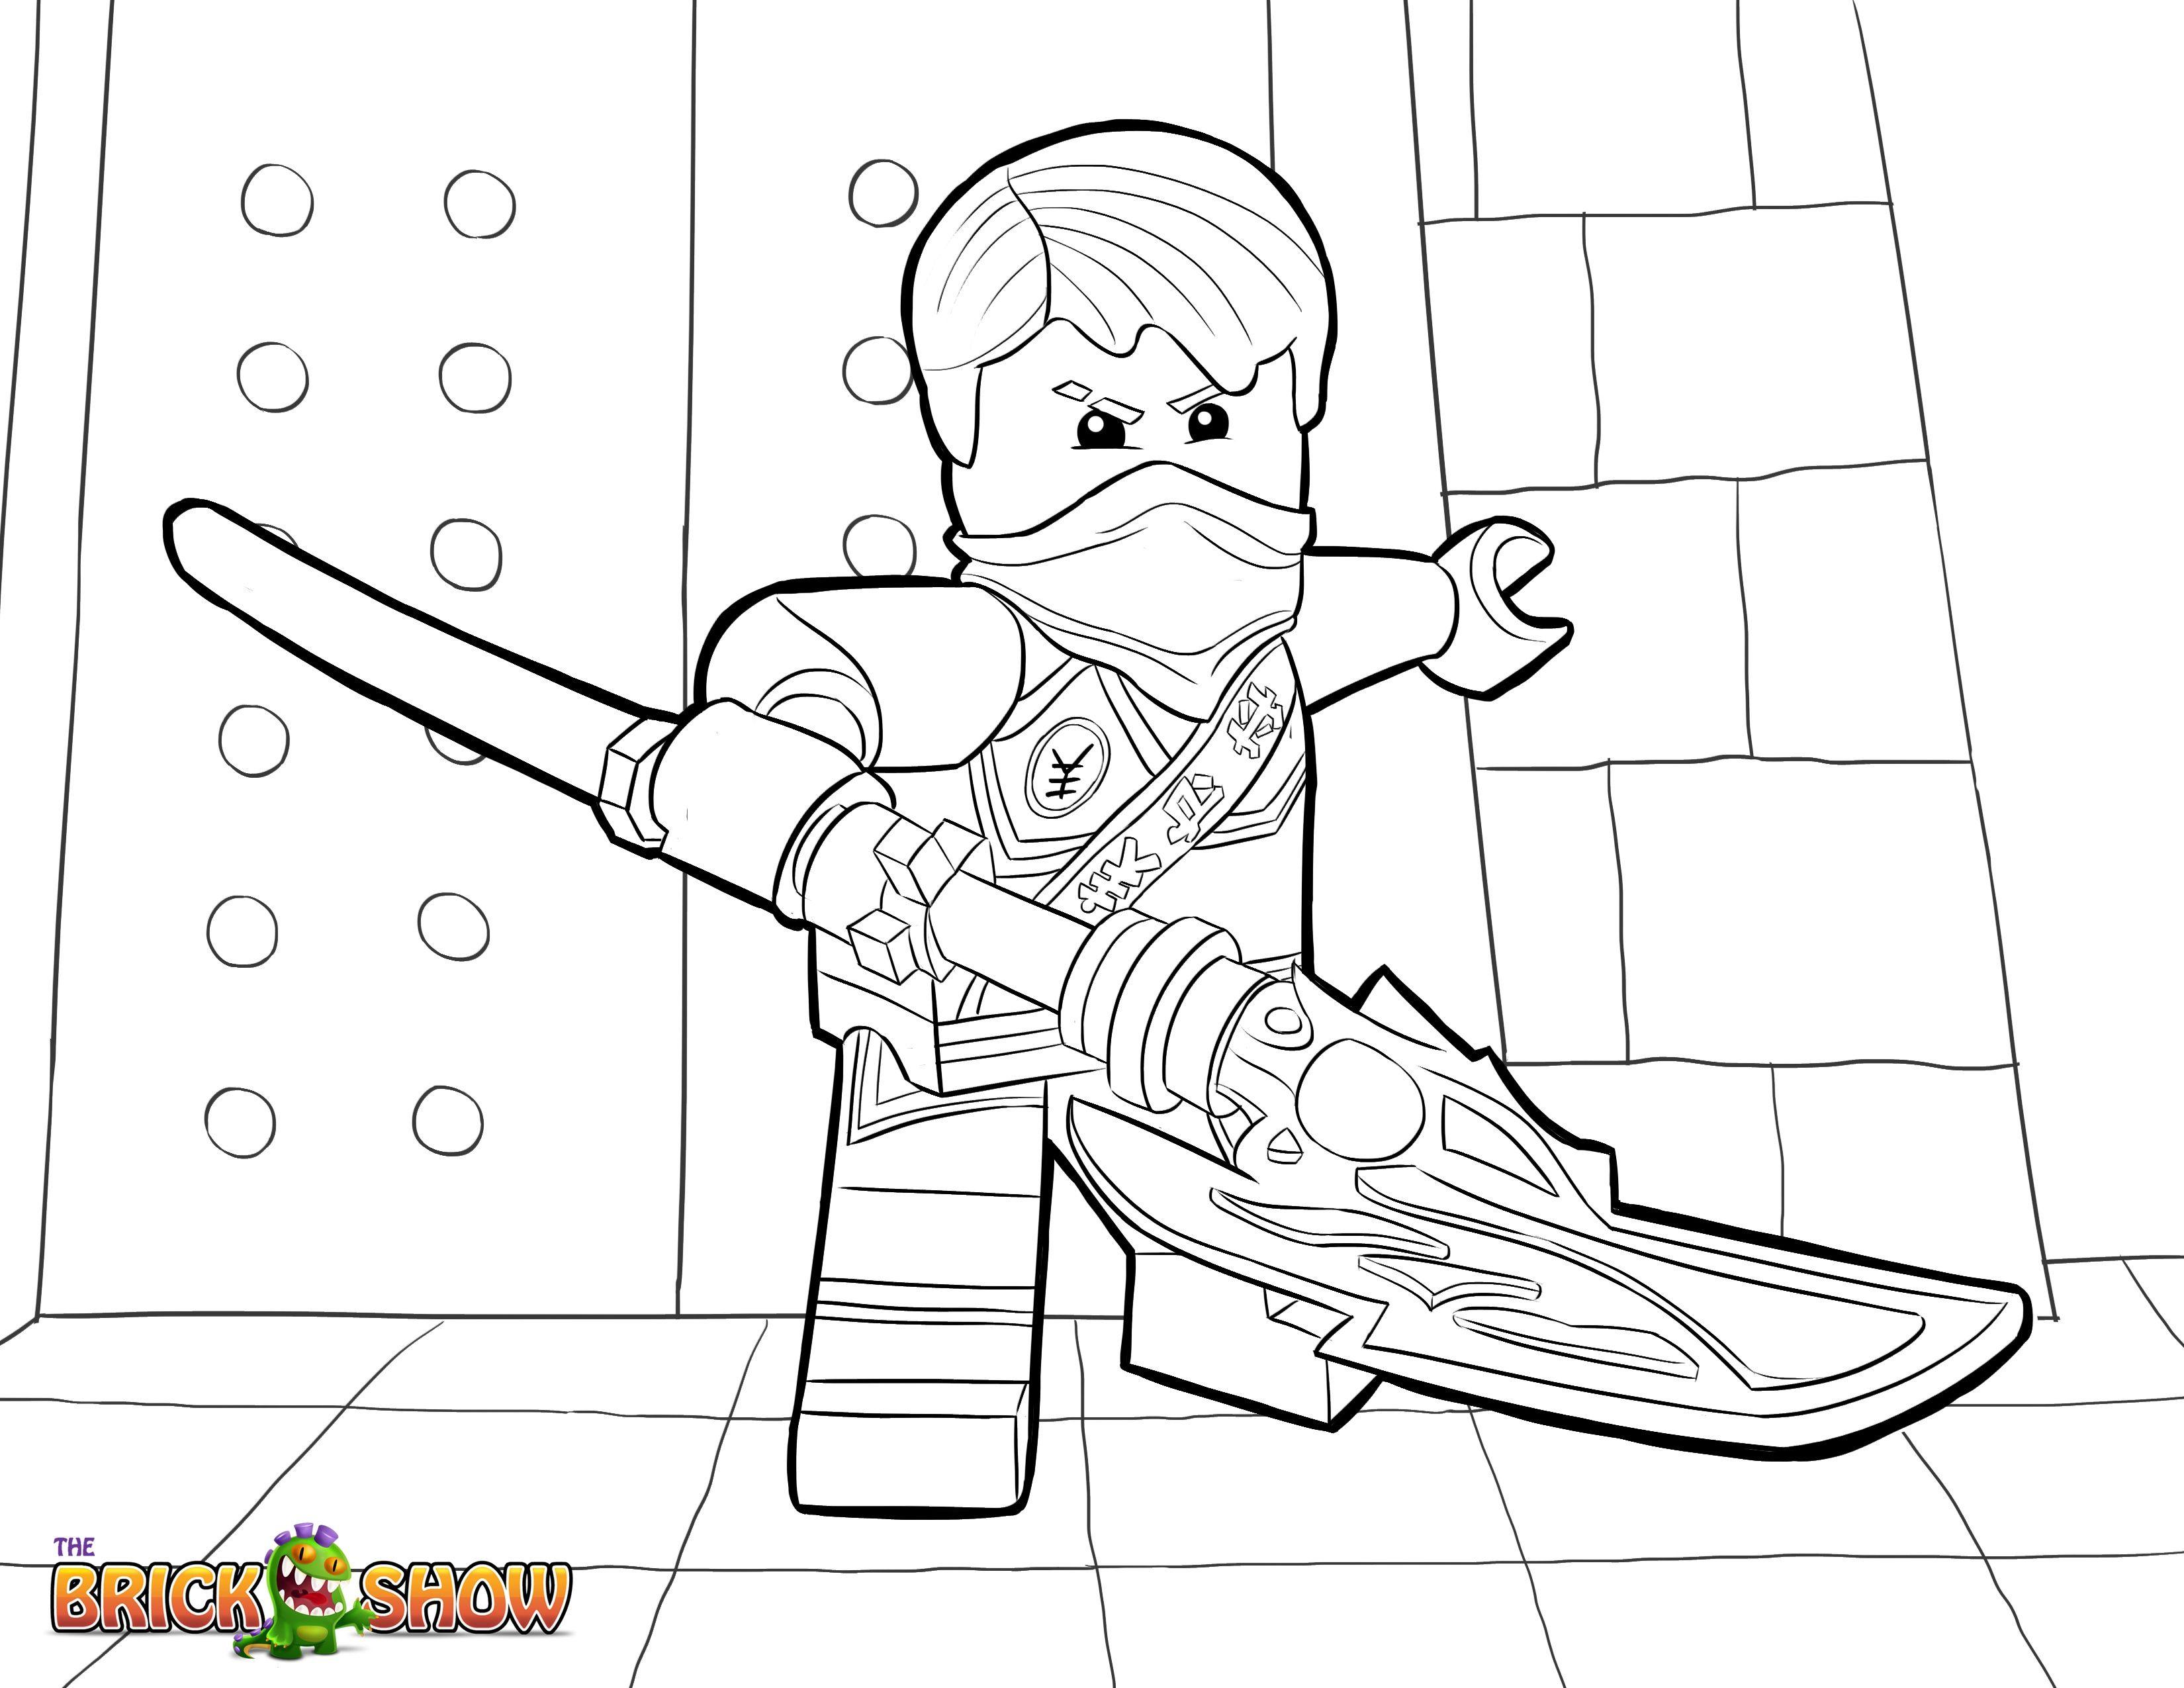 lego ninjago coloring pages 2013 - photo#7